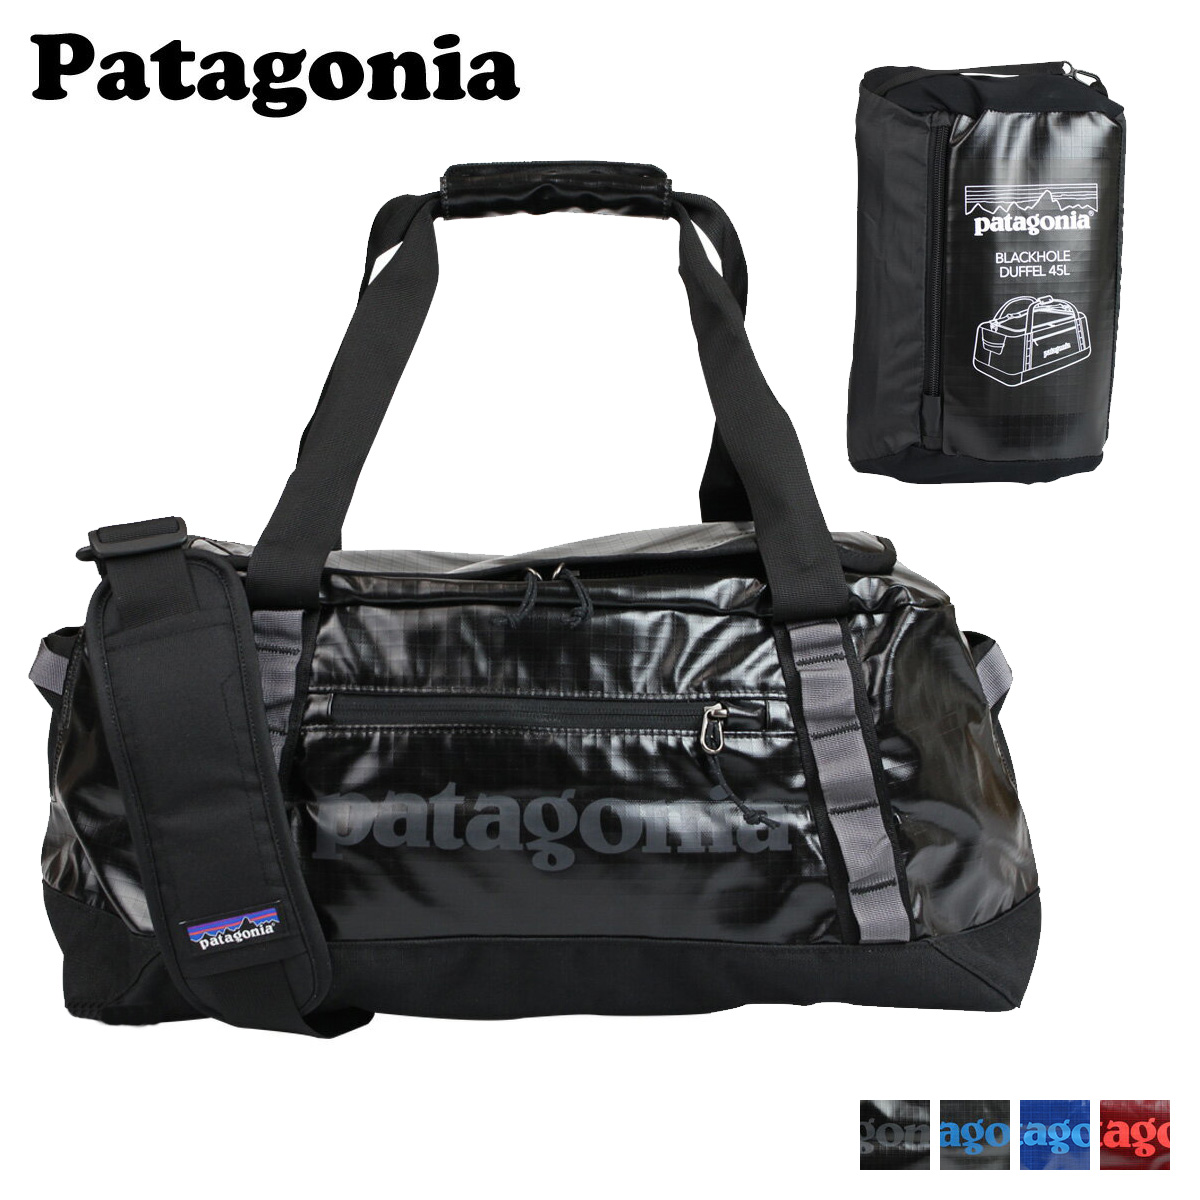 Patagonia Men S Women Duffle Bag 2 Way 49336 4 Color Black Hole Duffel 45l 11 18 New In Stock